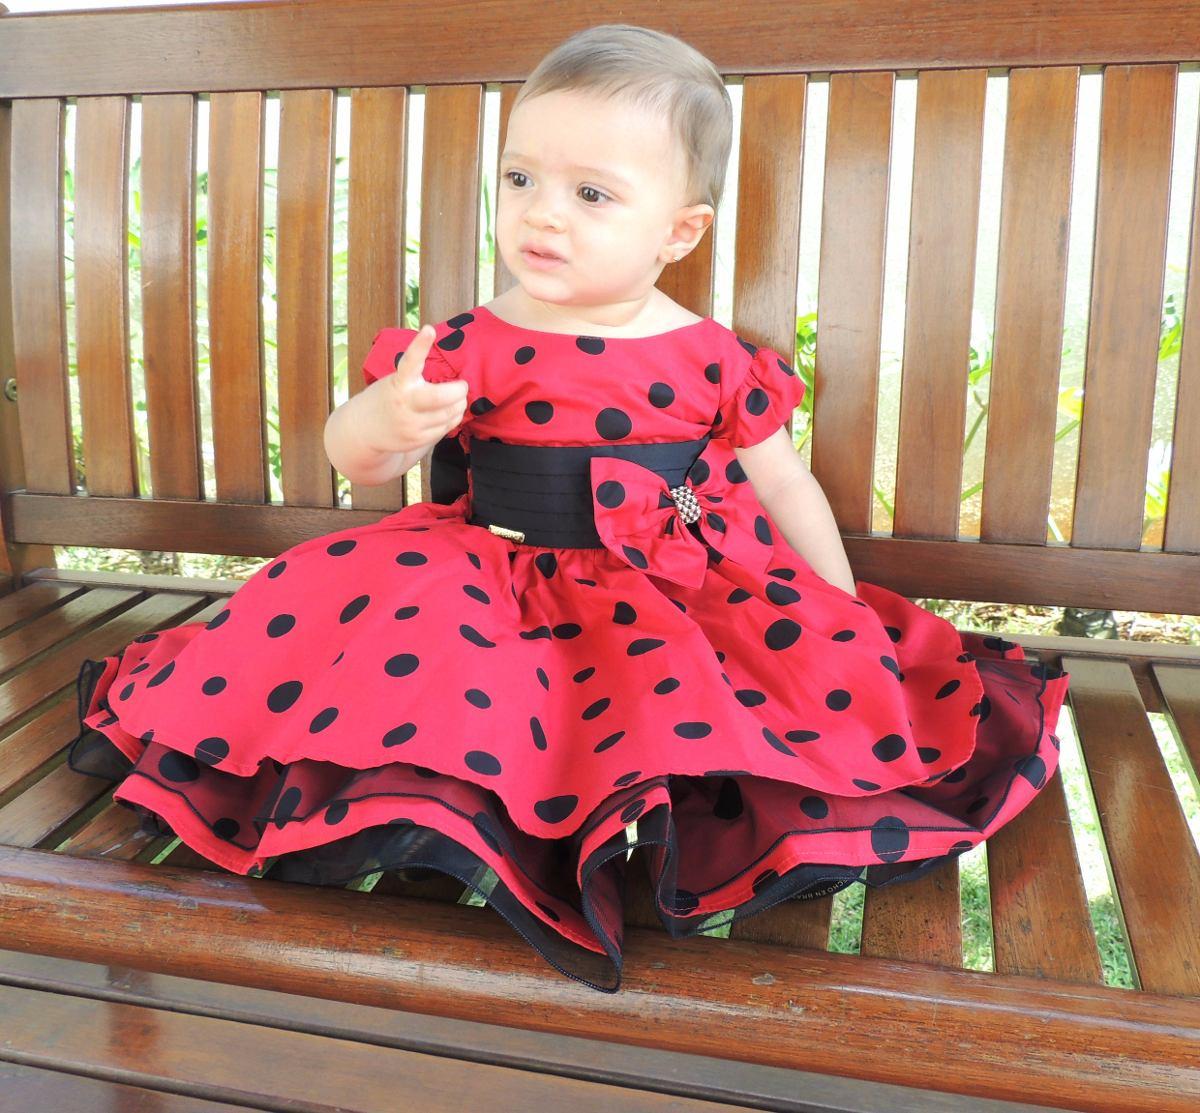 44fe808adf3 vestido minnie festa infantil vermelho com bolinhas pretas. Carregando zoom.